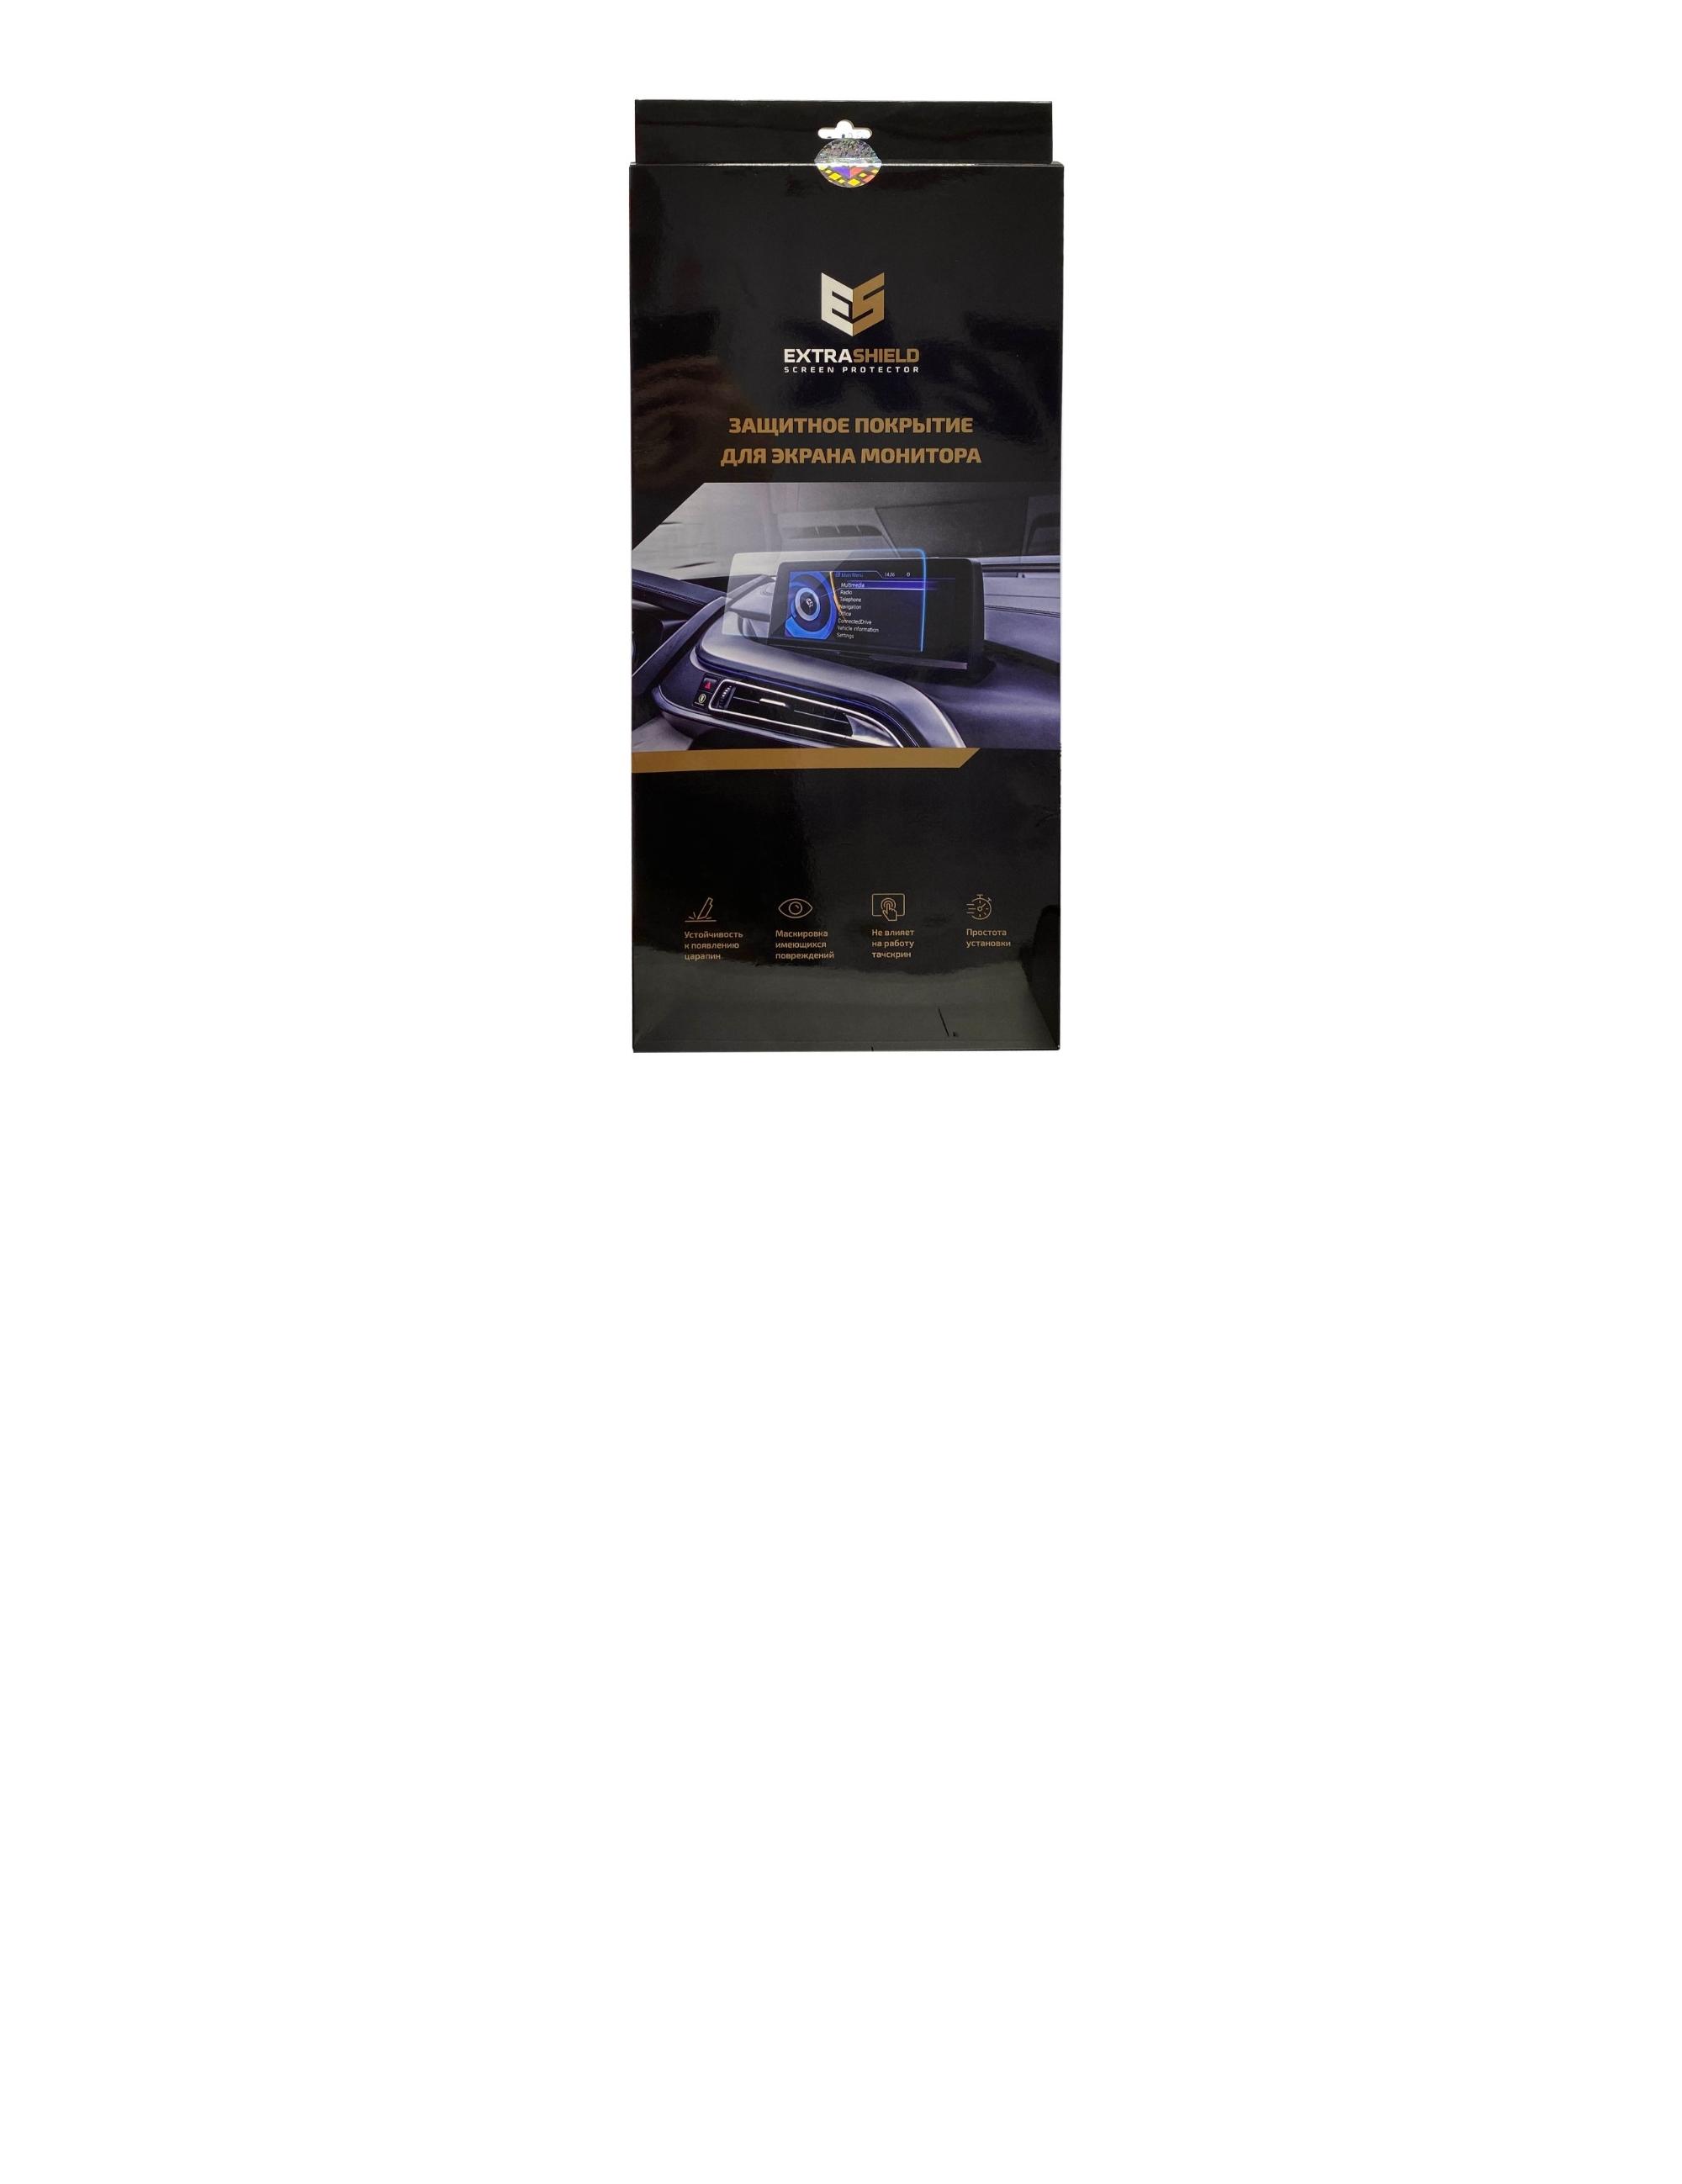 Audi Q5 II (FY) дорестайлинг 2016 - 2019 мультимедиа MMI 7 Защитное стекло Матовая